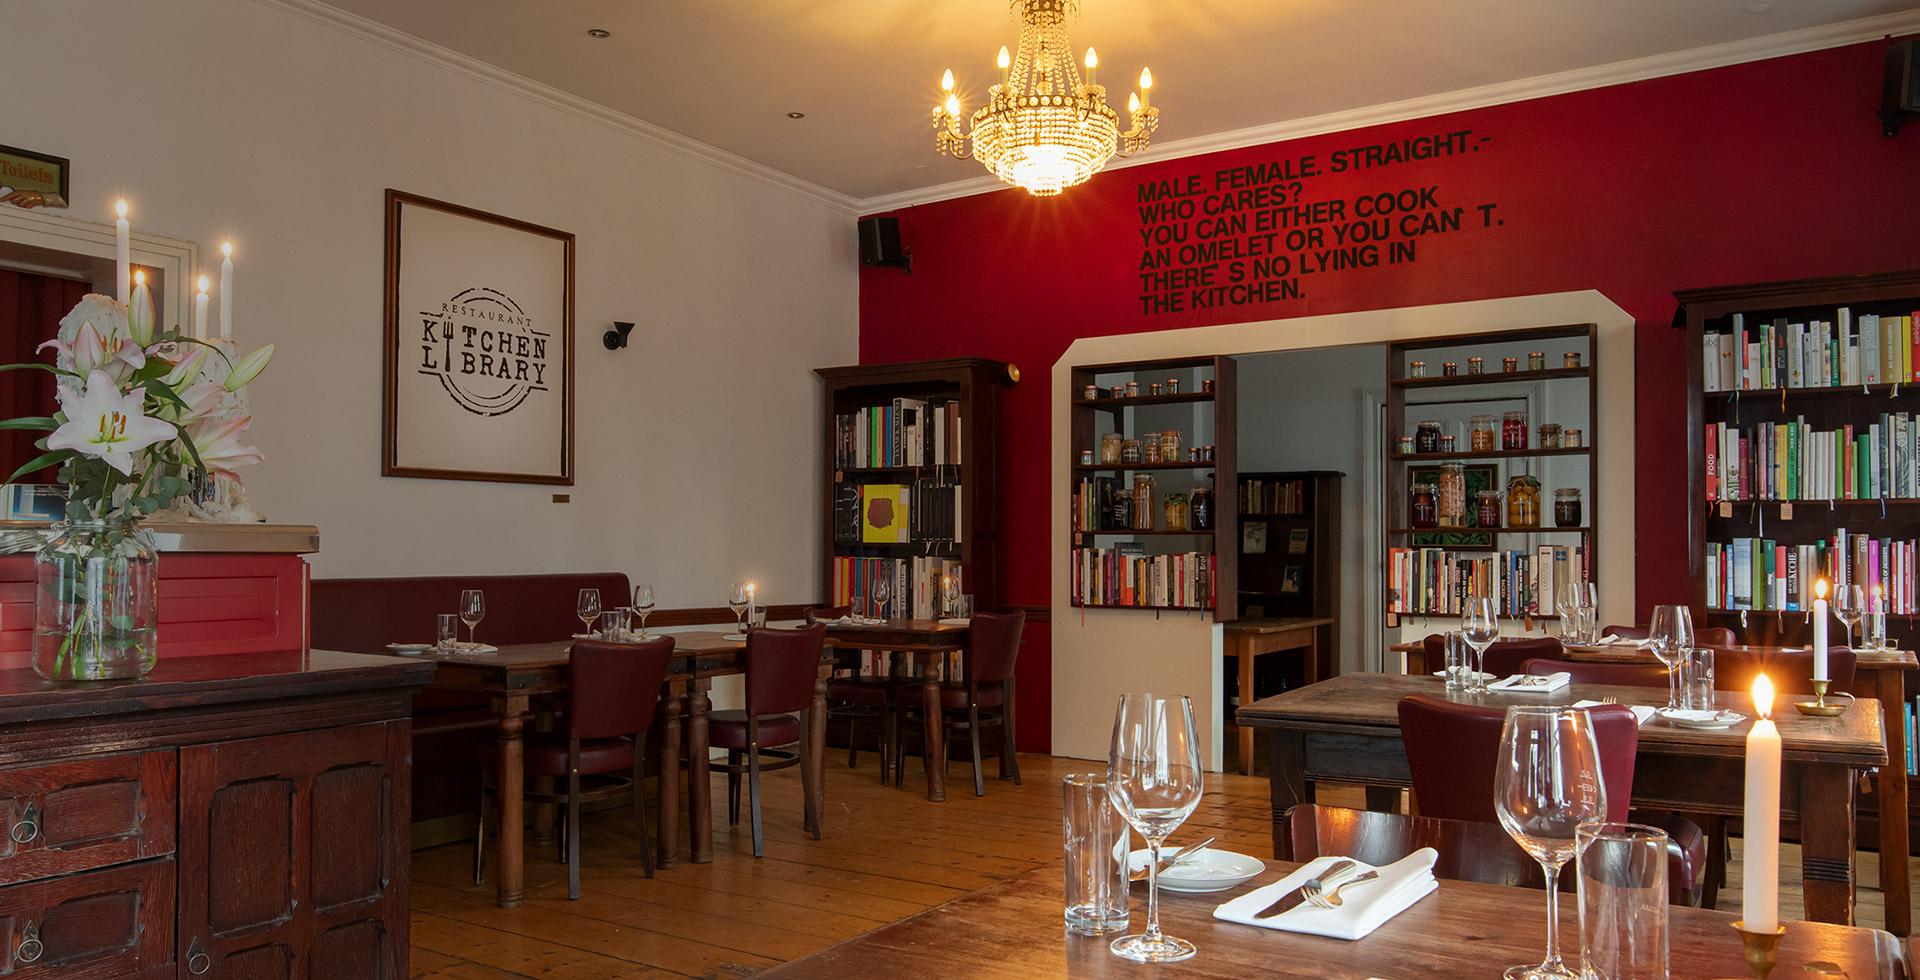 In angenehm-zwanglosem Ambiente kochen und servieren Daniela und Udo Knörlein wöchentlich wechselnde Gerichte à la carte. KITCHEN LIBRARY - das zweite Wohnzimmer.